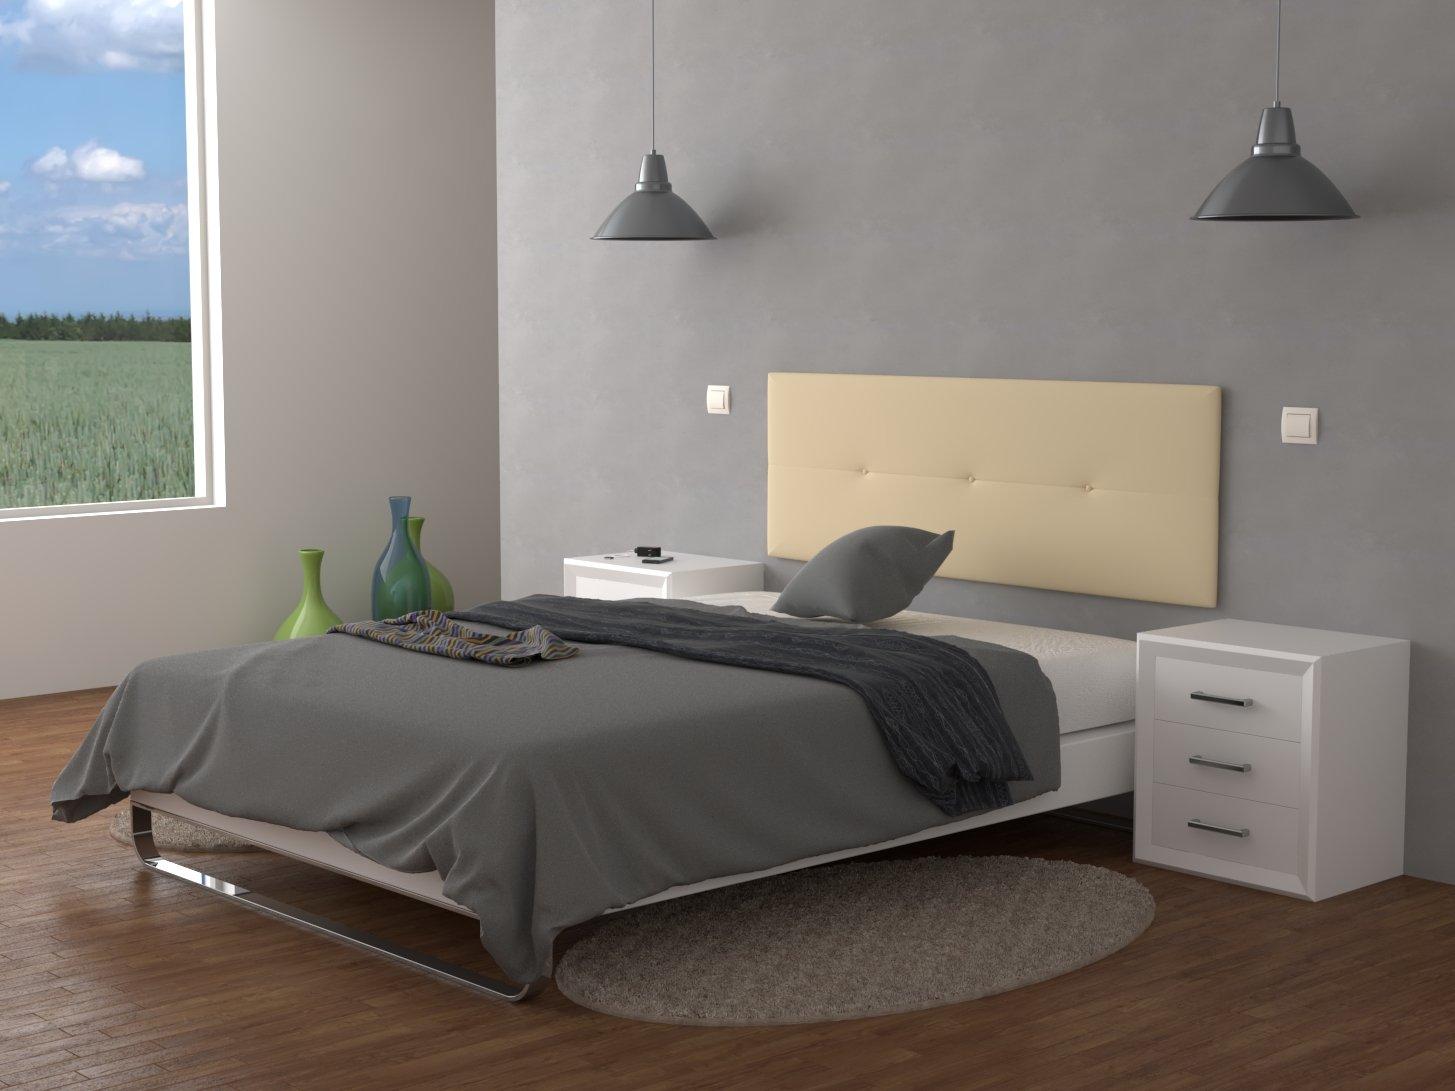 LA WEB DEL COLCHON Cabecero de cama tapizado acolchado Julie 160 x 55 cms. Para camas de 135, 140, 150 y 160 cms. Polipiel color Beig.